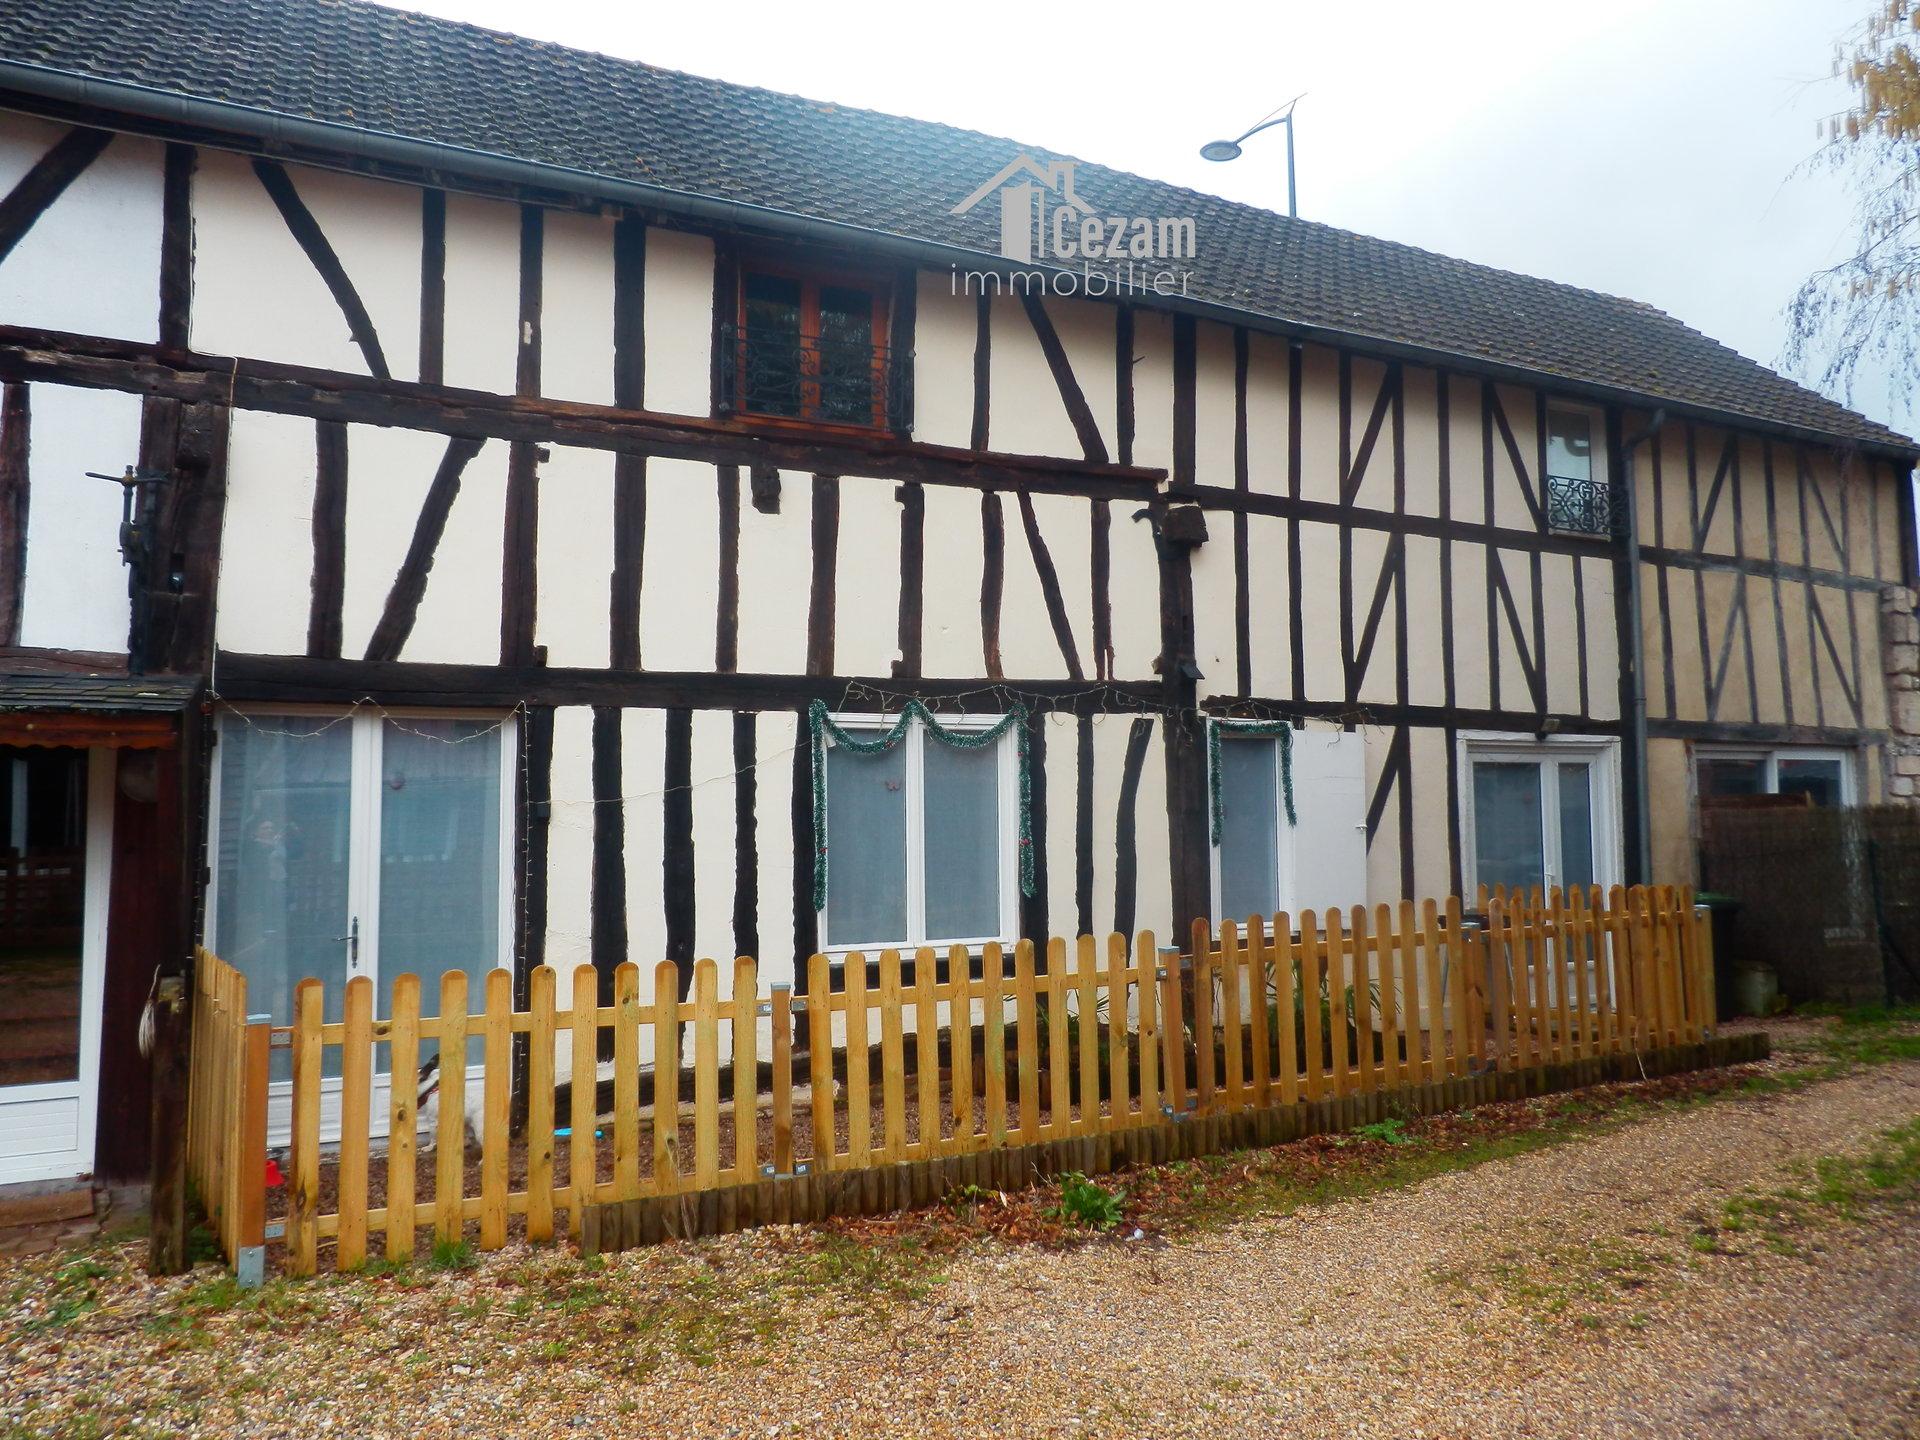 Maison à vendre à Acquigny 27400, idéale investisseur